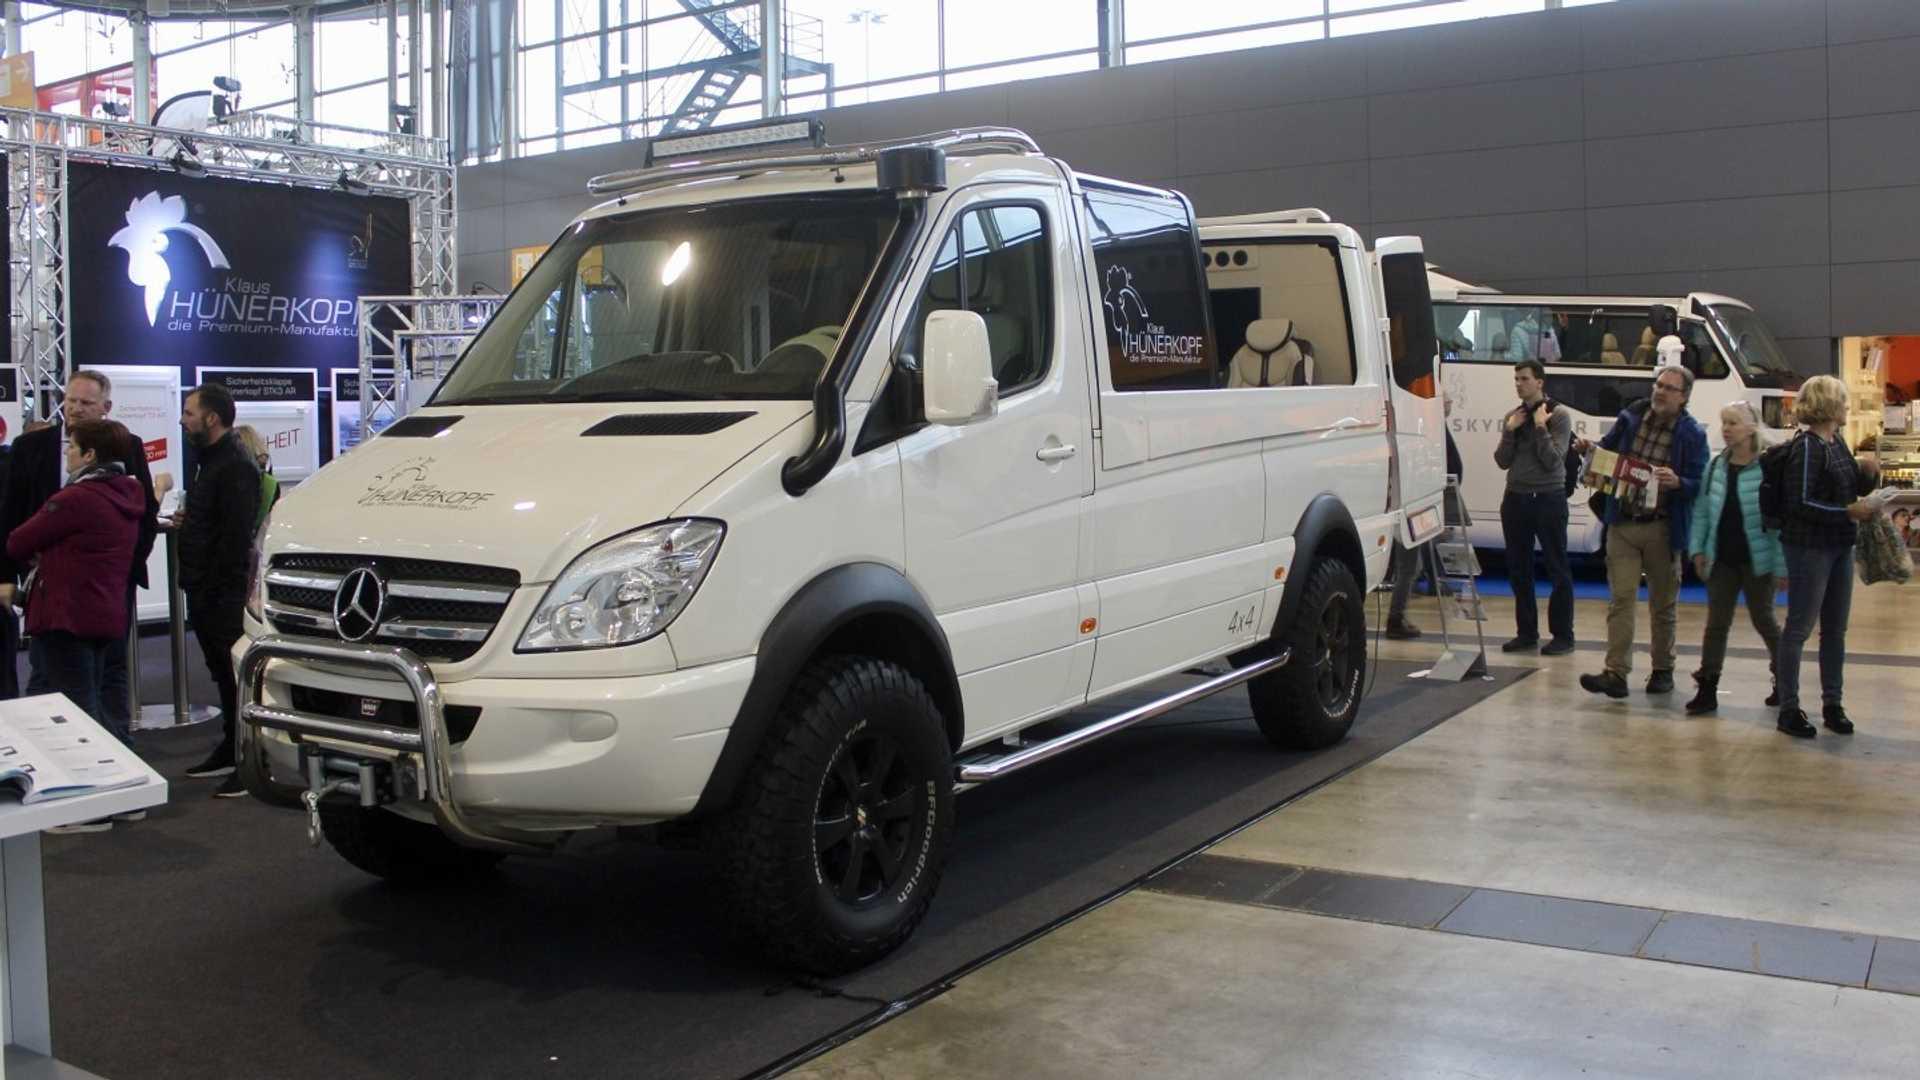 Hünerkopf – производитель автодомов из Германии – представил оригинальный микроавтобус с открытым верхом. Клиент попросил адаптировать Mercedes-Benz Sprinter для соколиной охоты. Стоимость проекта – €267 000.